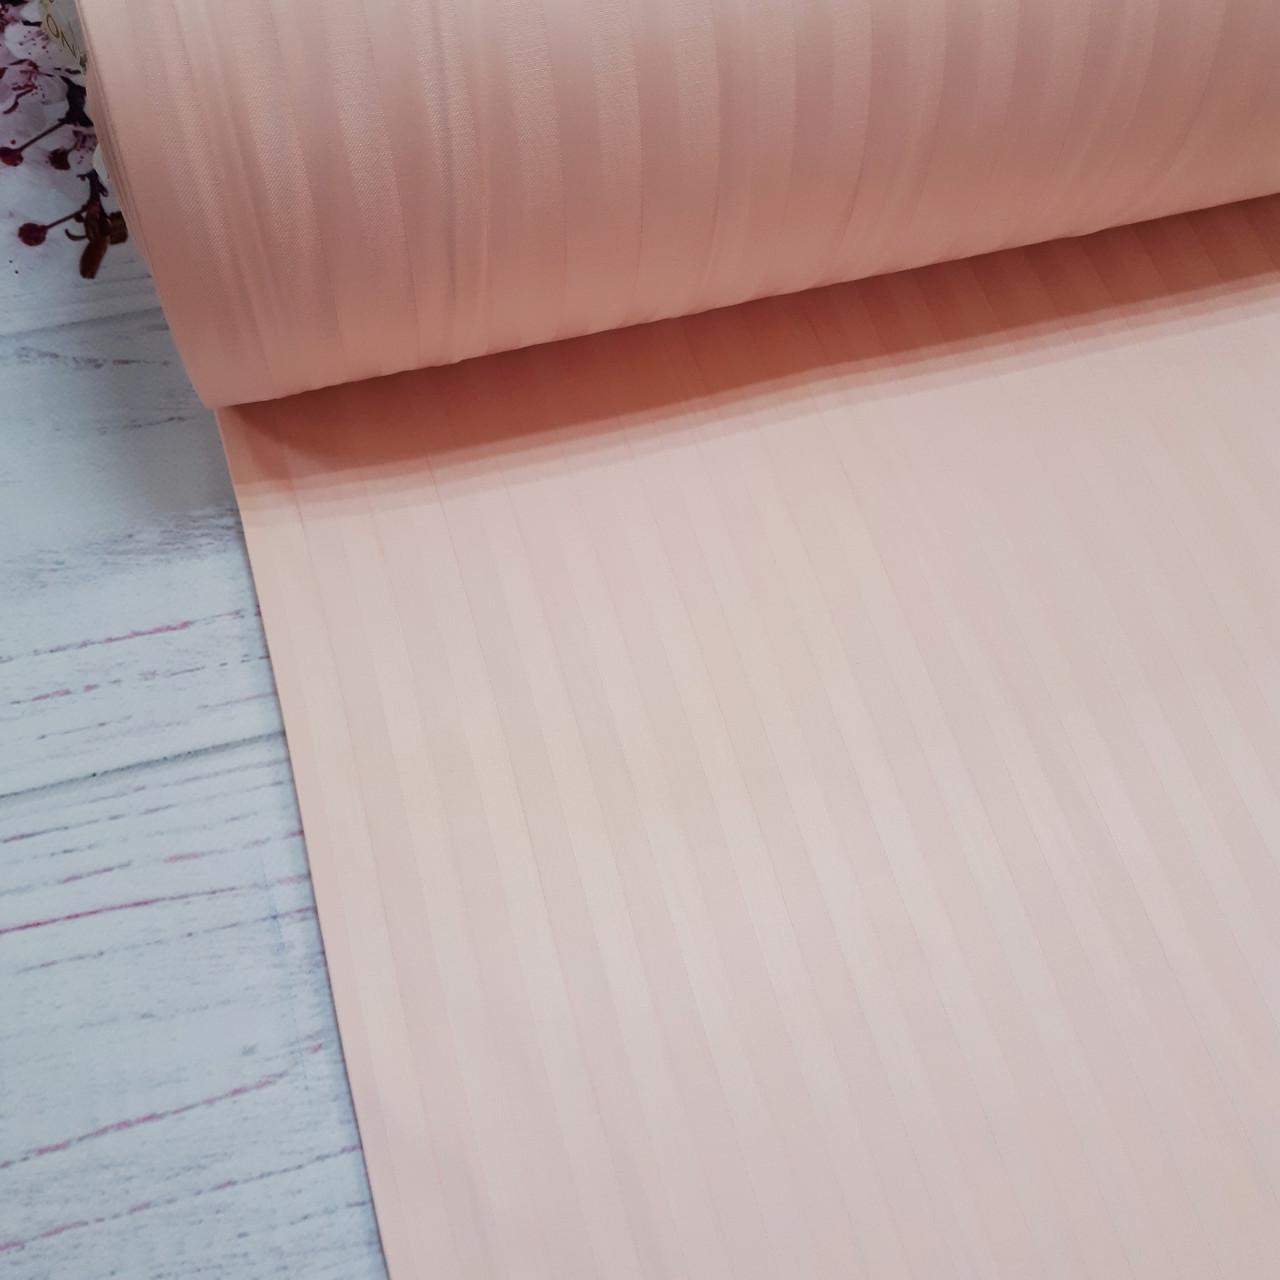 Сатин 100% хлопок  (ТУРЦИЯ шир. 2,4 м) Stripes пудровый ОТРЕЗ(1,8*2,4м)